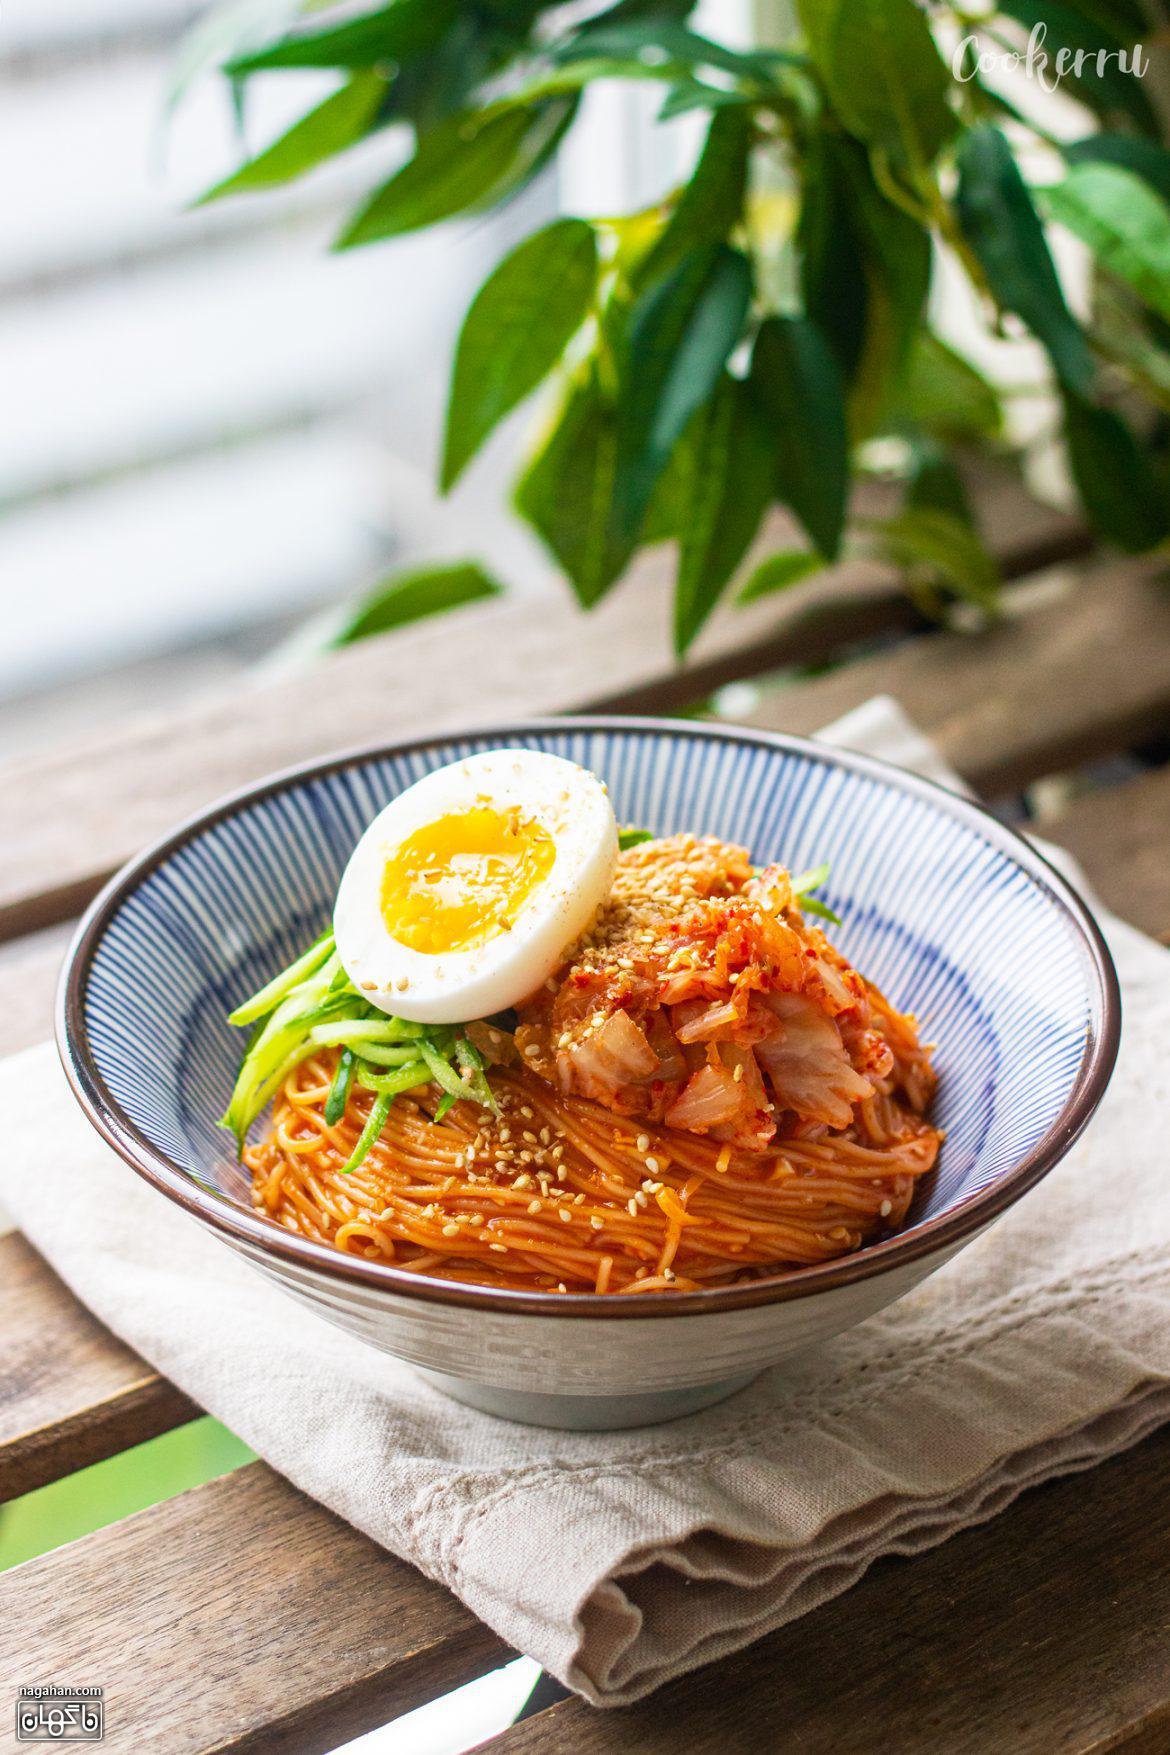 نودل تند کره ای با تخم مرغ Bibim Guksu در کمتر از 10 دقیقه